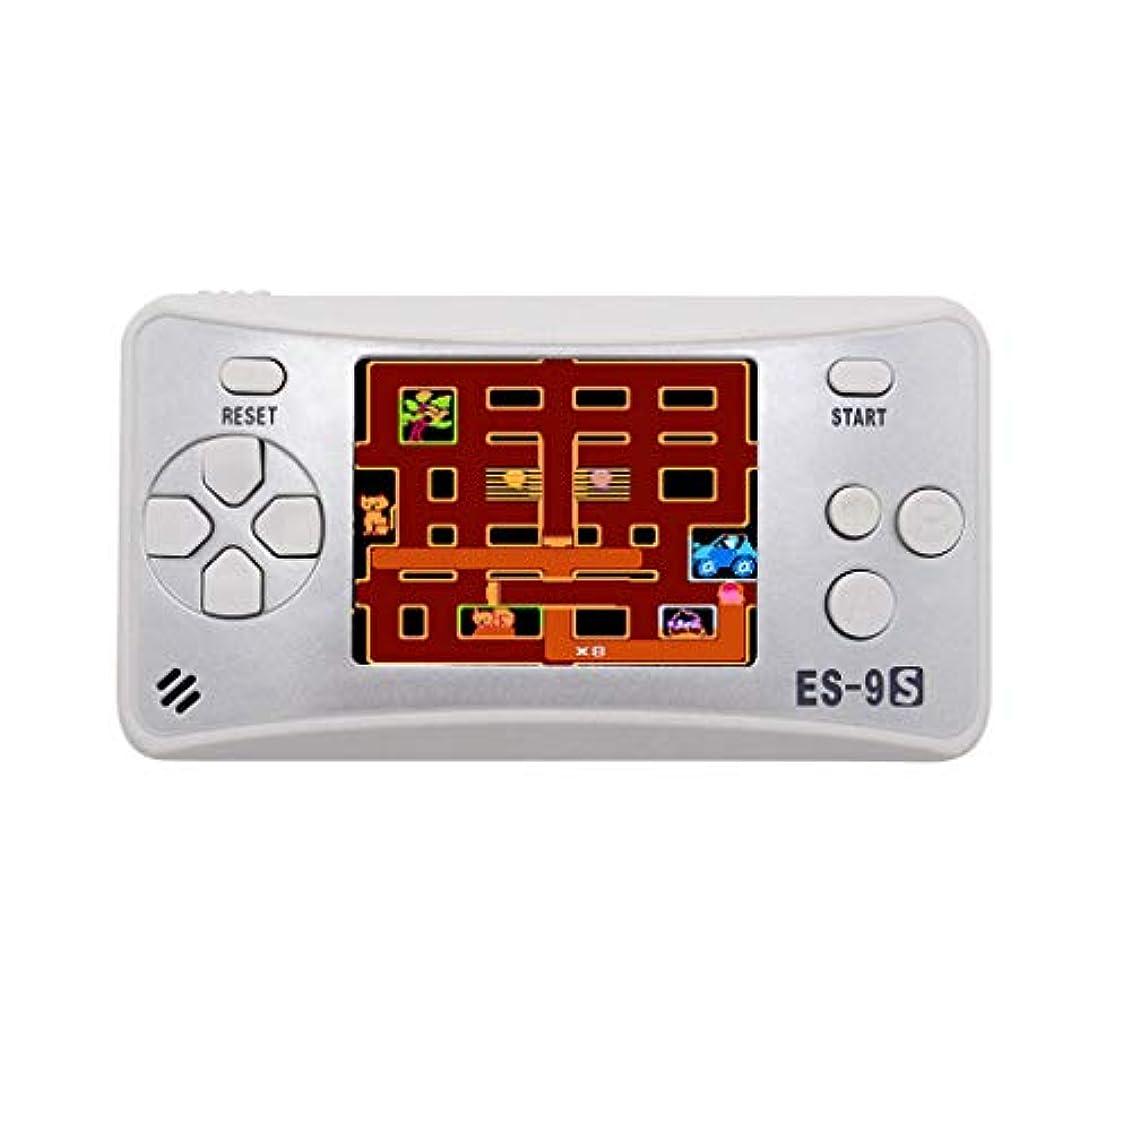 ジョージハンブリーあさりの配列携帯ゲーム機 2.5インチ アーケードゲーム ハンドヘルド ビデオ ゲーム コンソール 内蔵168クラシックゲーム ゲームプレーヤー サポートTVプレイhuajuan